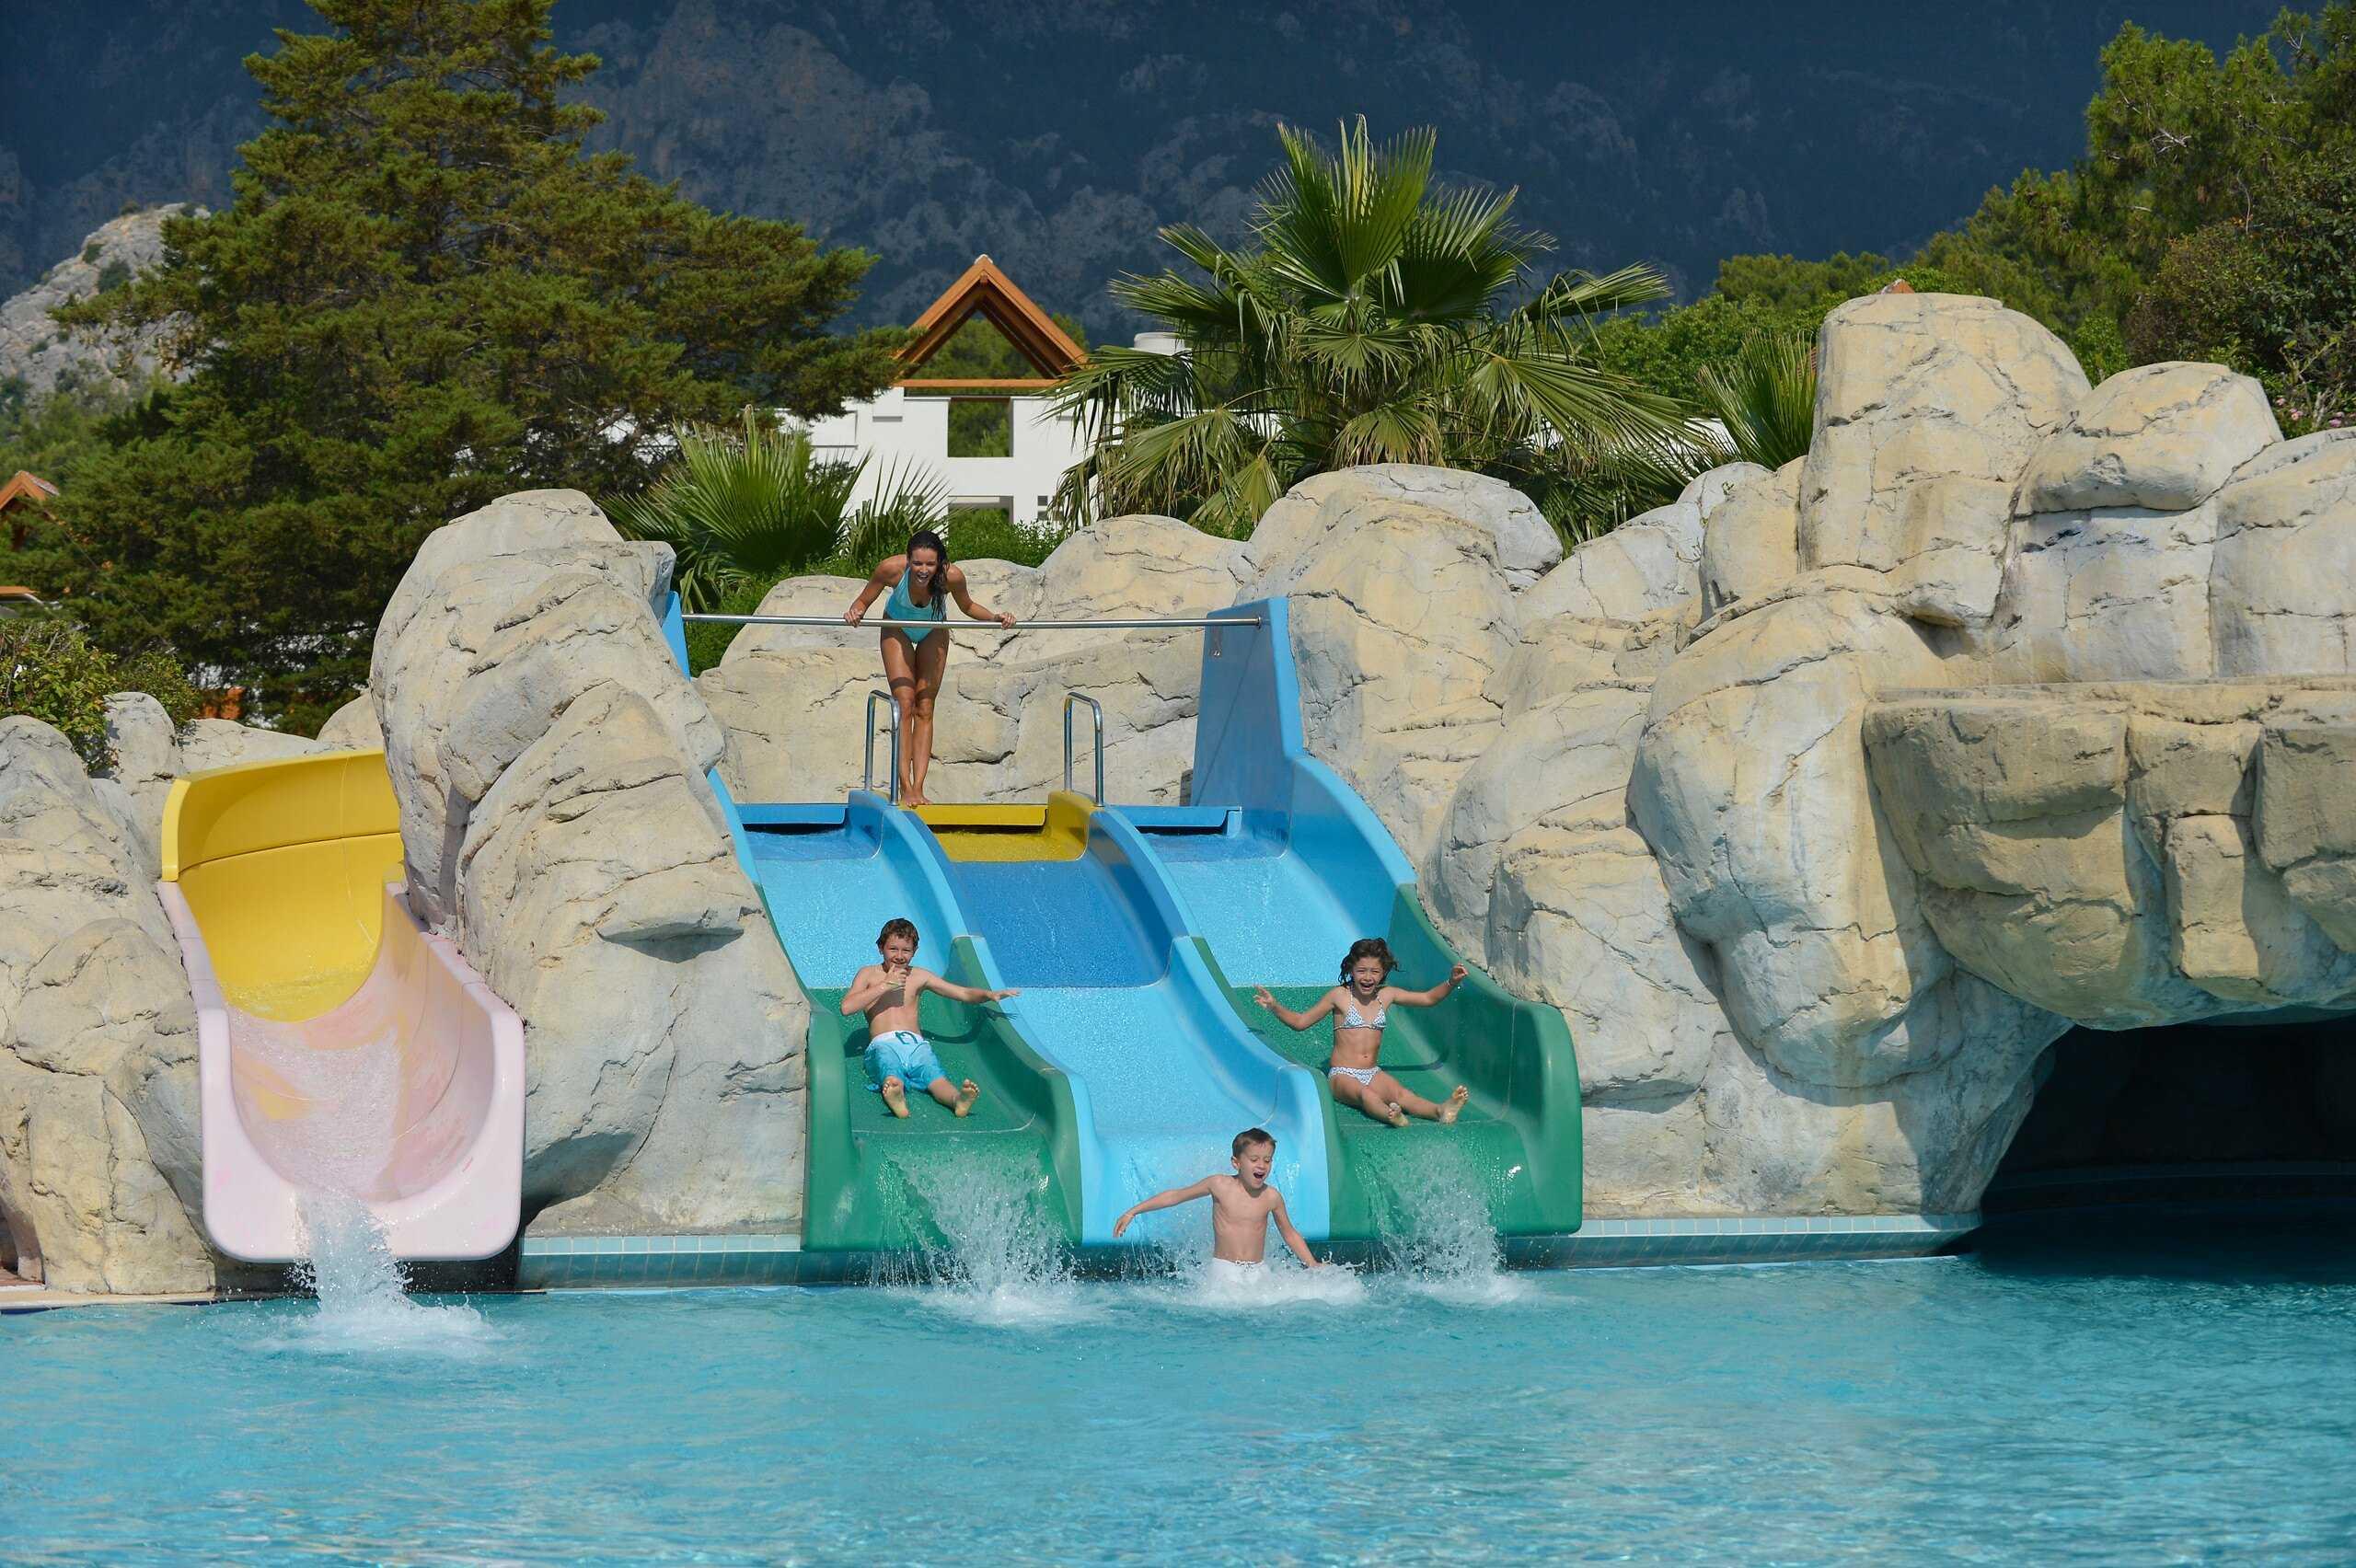 Лучшие отели турции для отдыха с детьми: топ 15 семейных вариантов